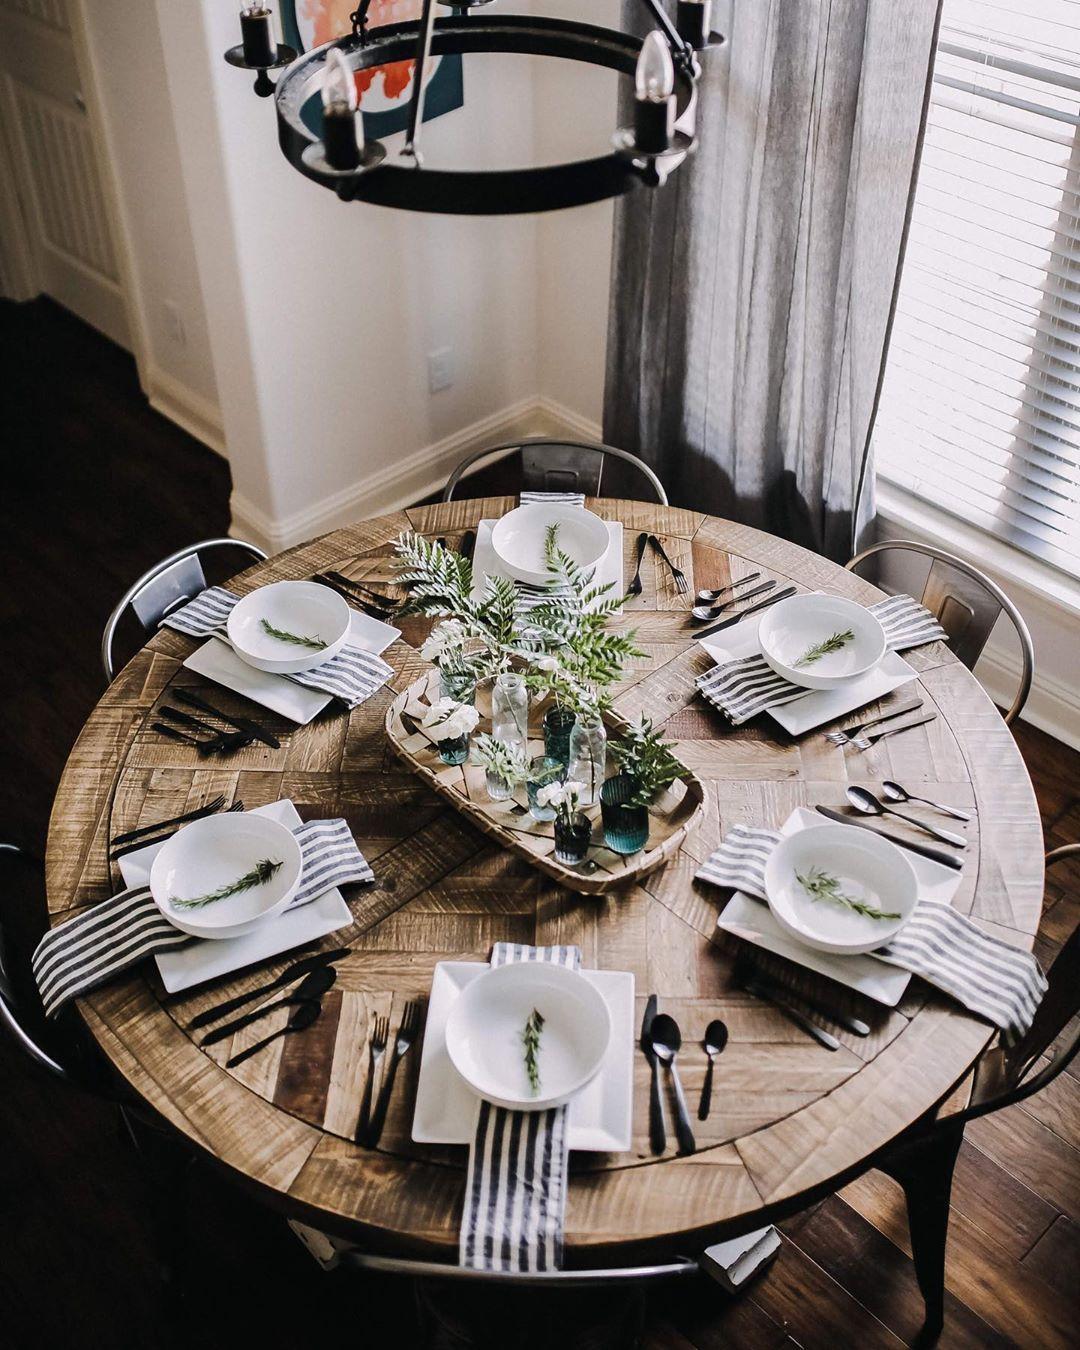 Runder Esstisch Grindleburg   Round dining room table, Round ...